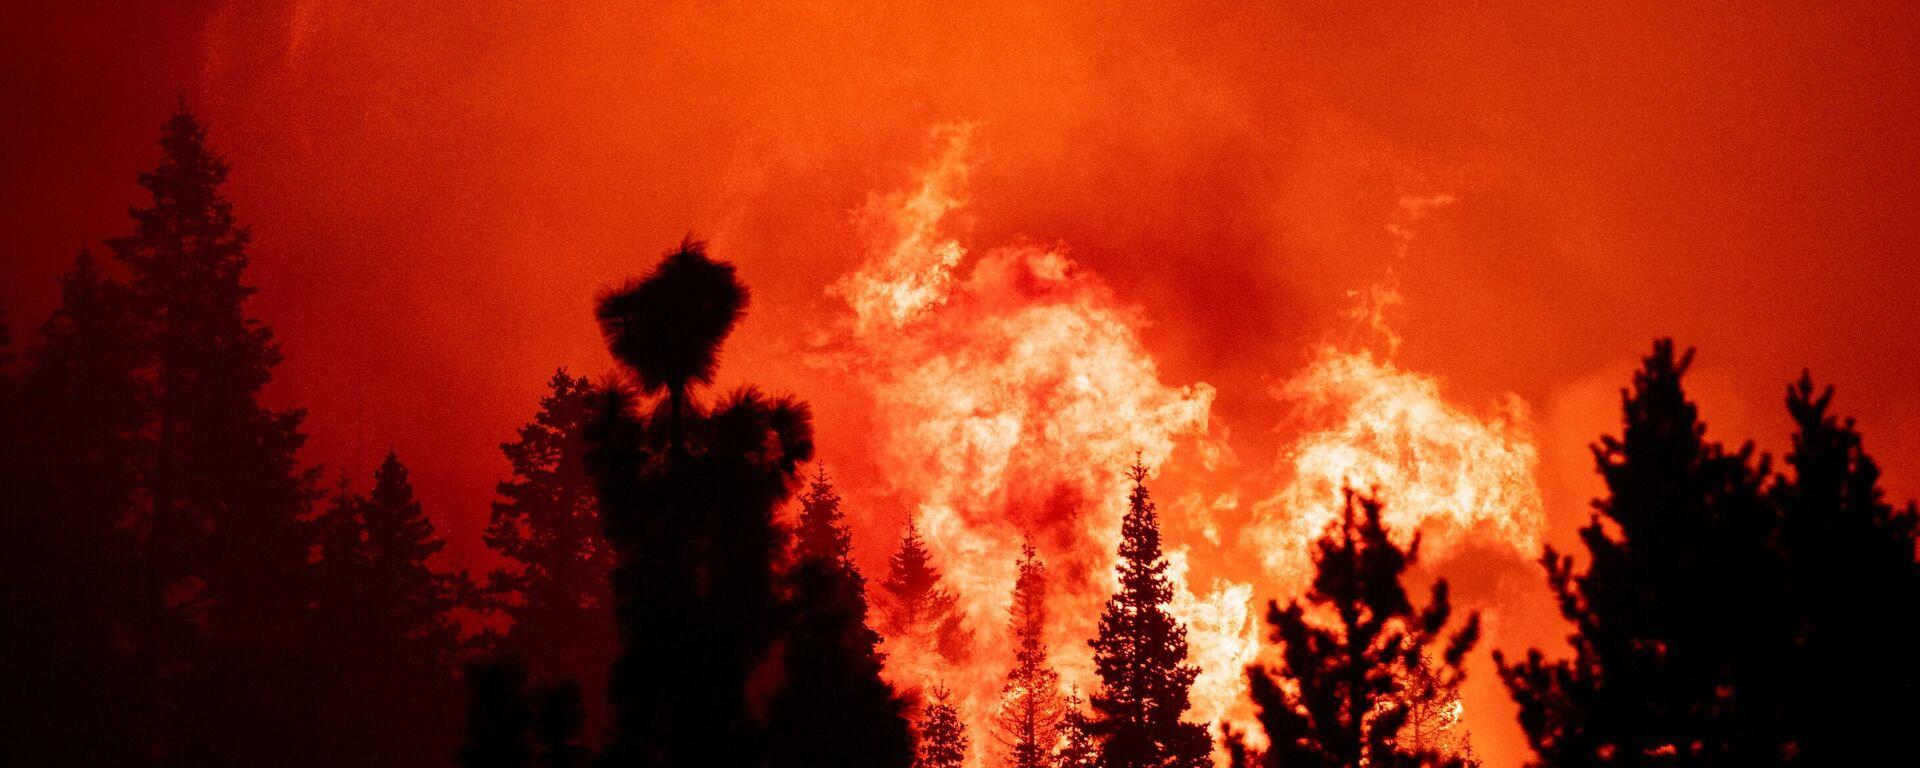 Waldbrände in Kalifornien - SNA, 1920, 30.08.2021